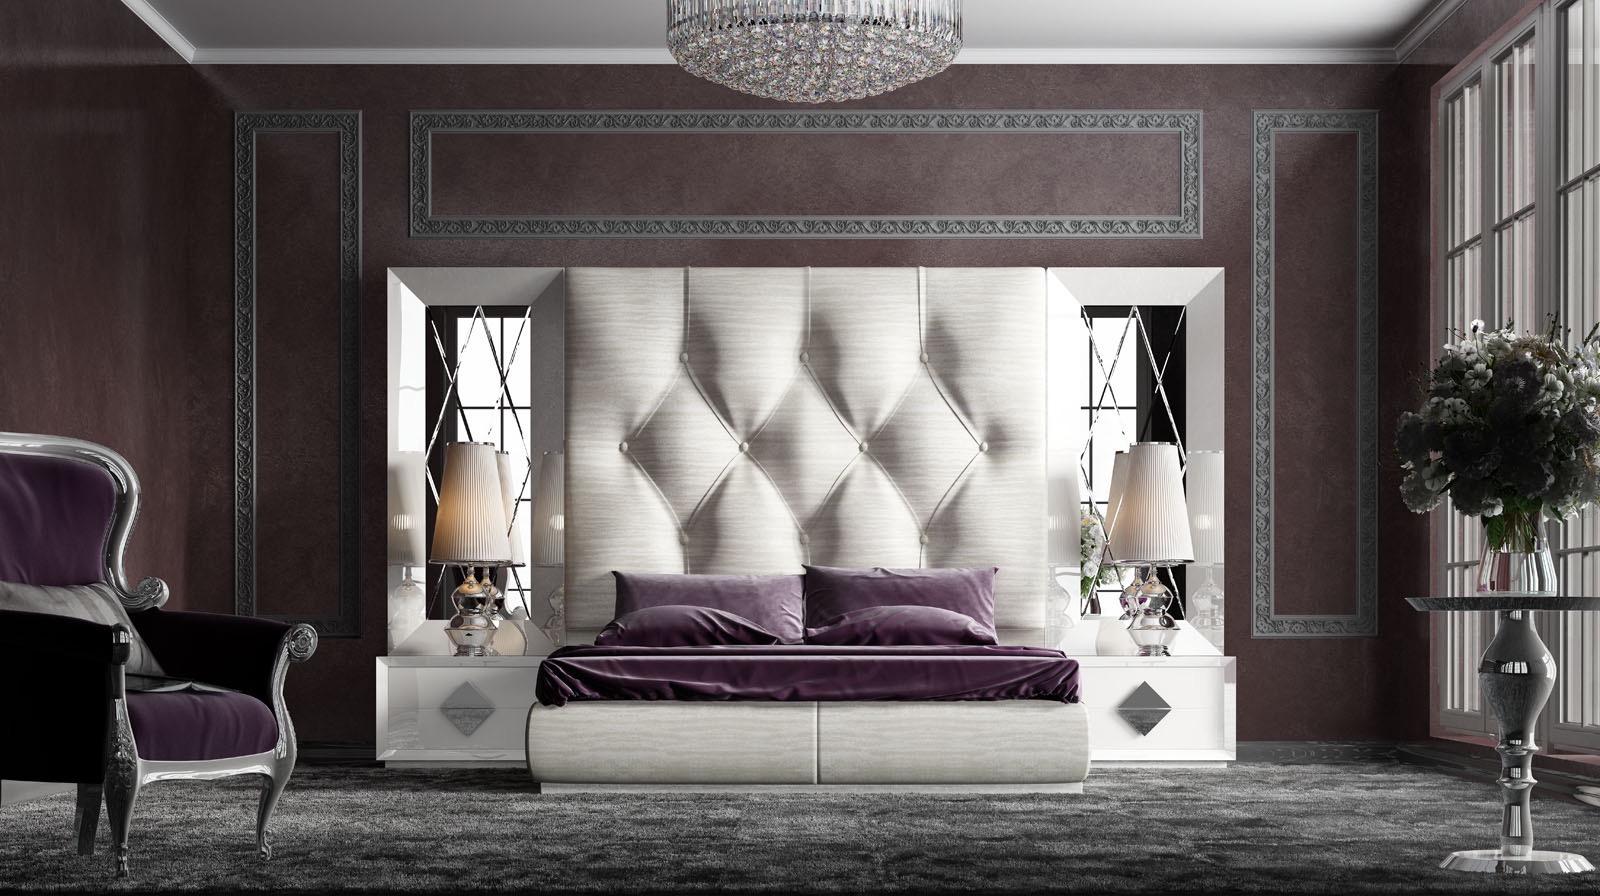 Dormitorio moderno klassic sabrina no disponible en - Muebles dormitorio moderno ...